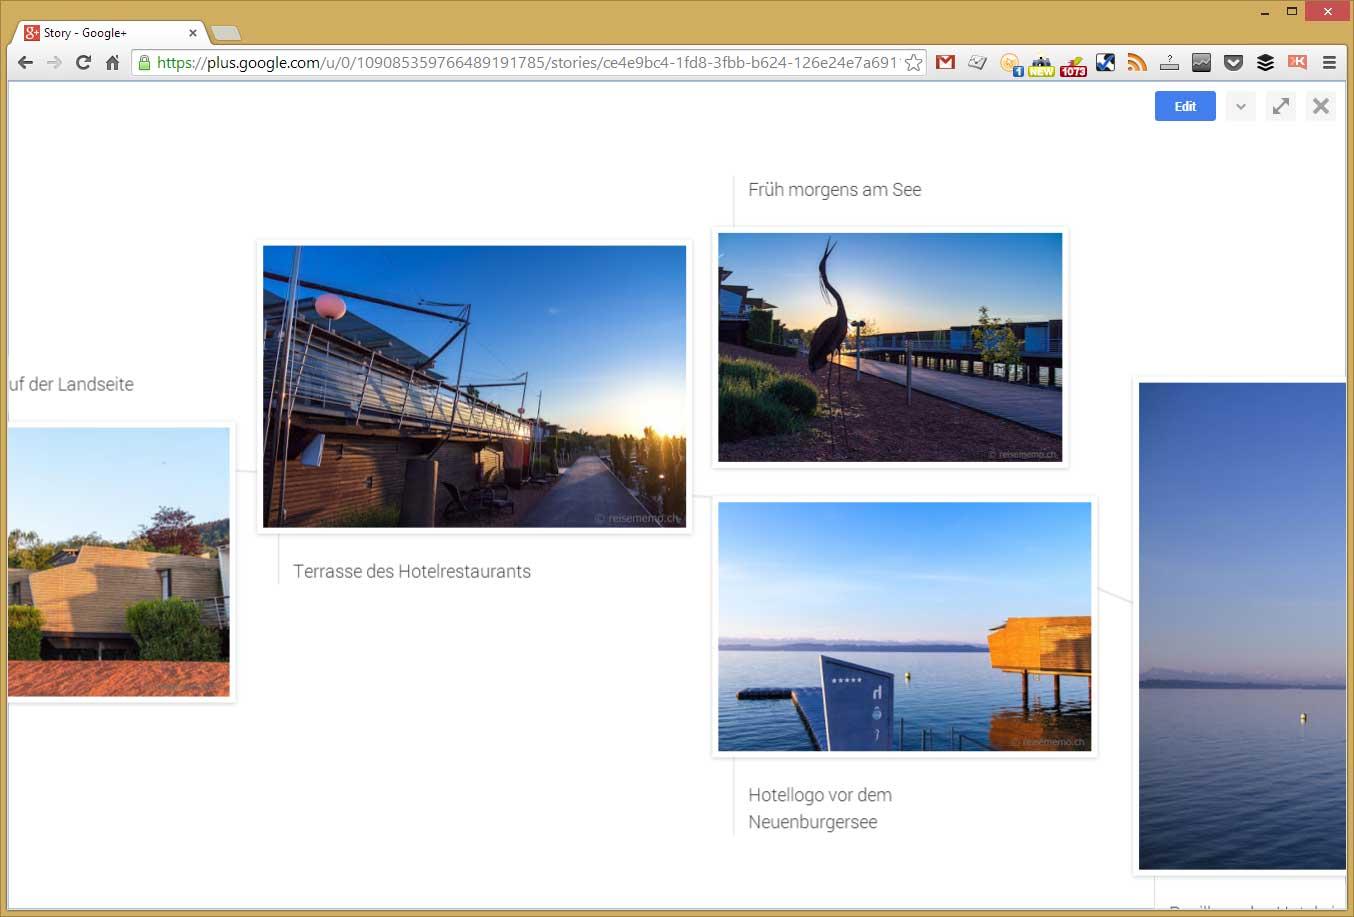 Bildgallerie im Layout mit Bildlegenden von Google Stories